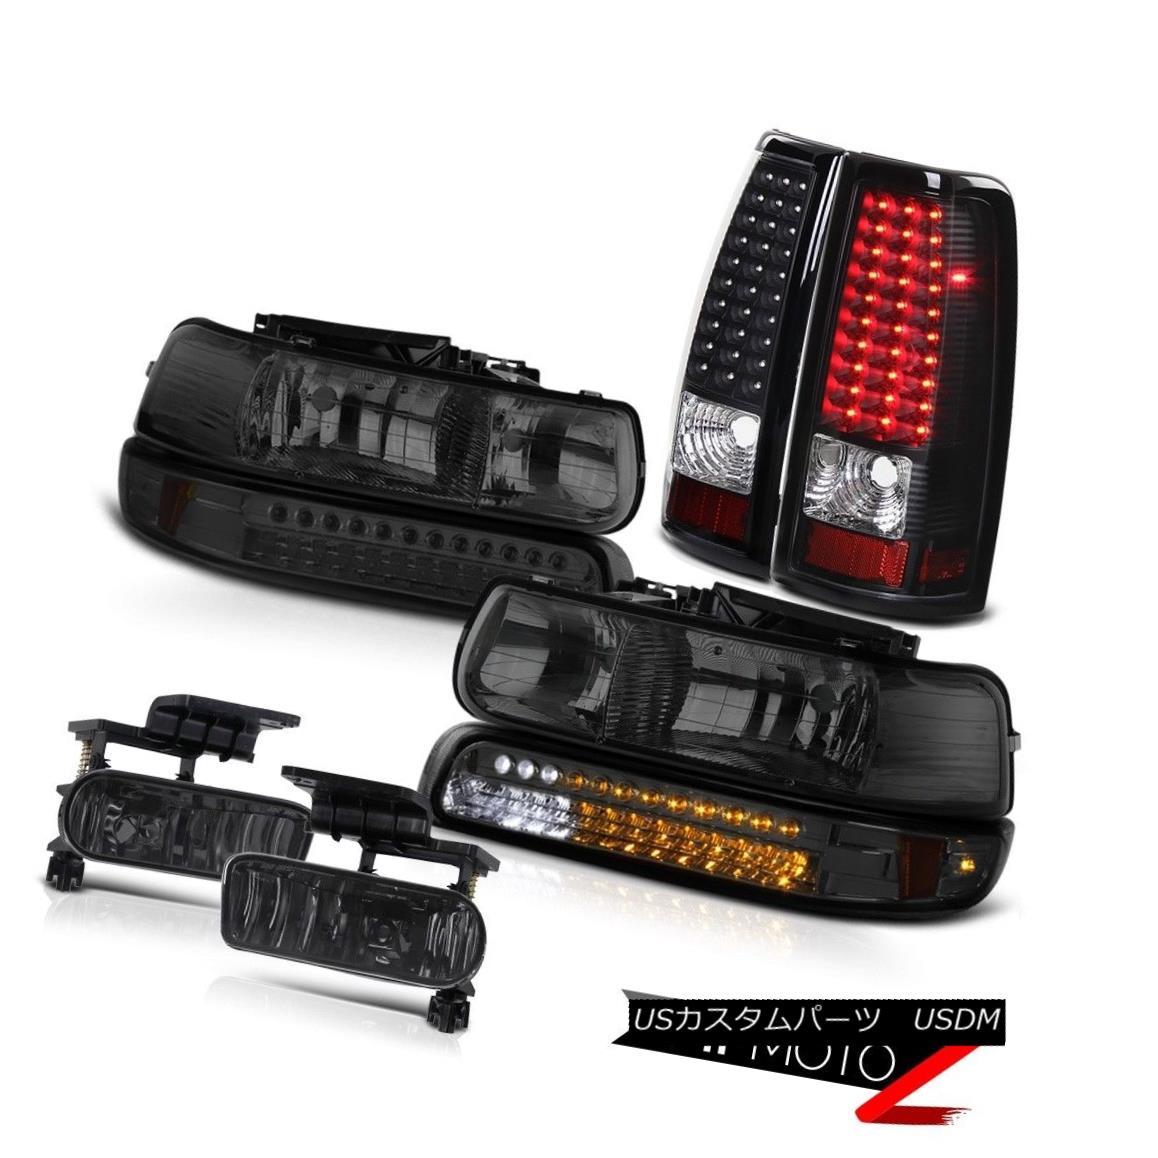 ヘッドライト Headlights LED Parking Bright Tail Lights Foglights 1999-2002 Silveardo Z71 ヘッドライトLEDパーキングブライトテールライトフォグライト1999-2002 Silverado Z71